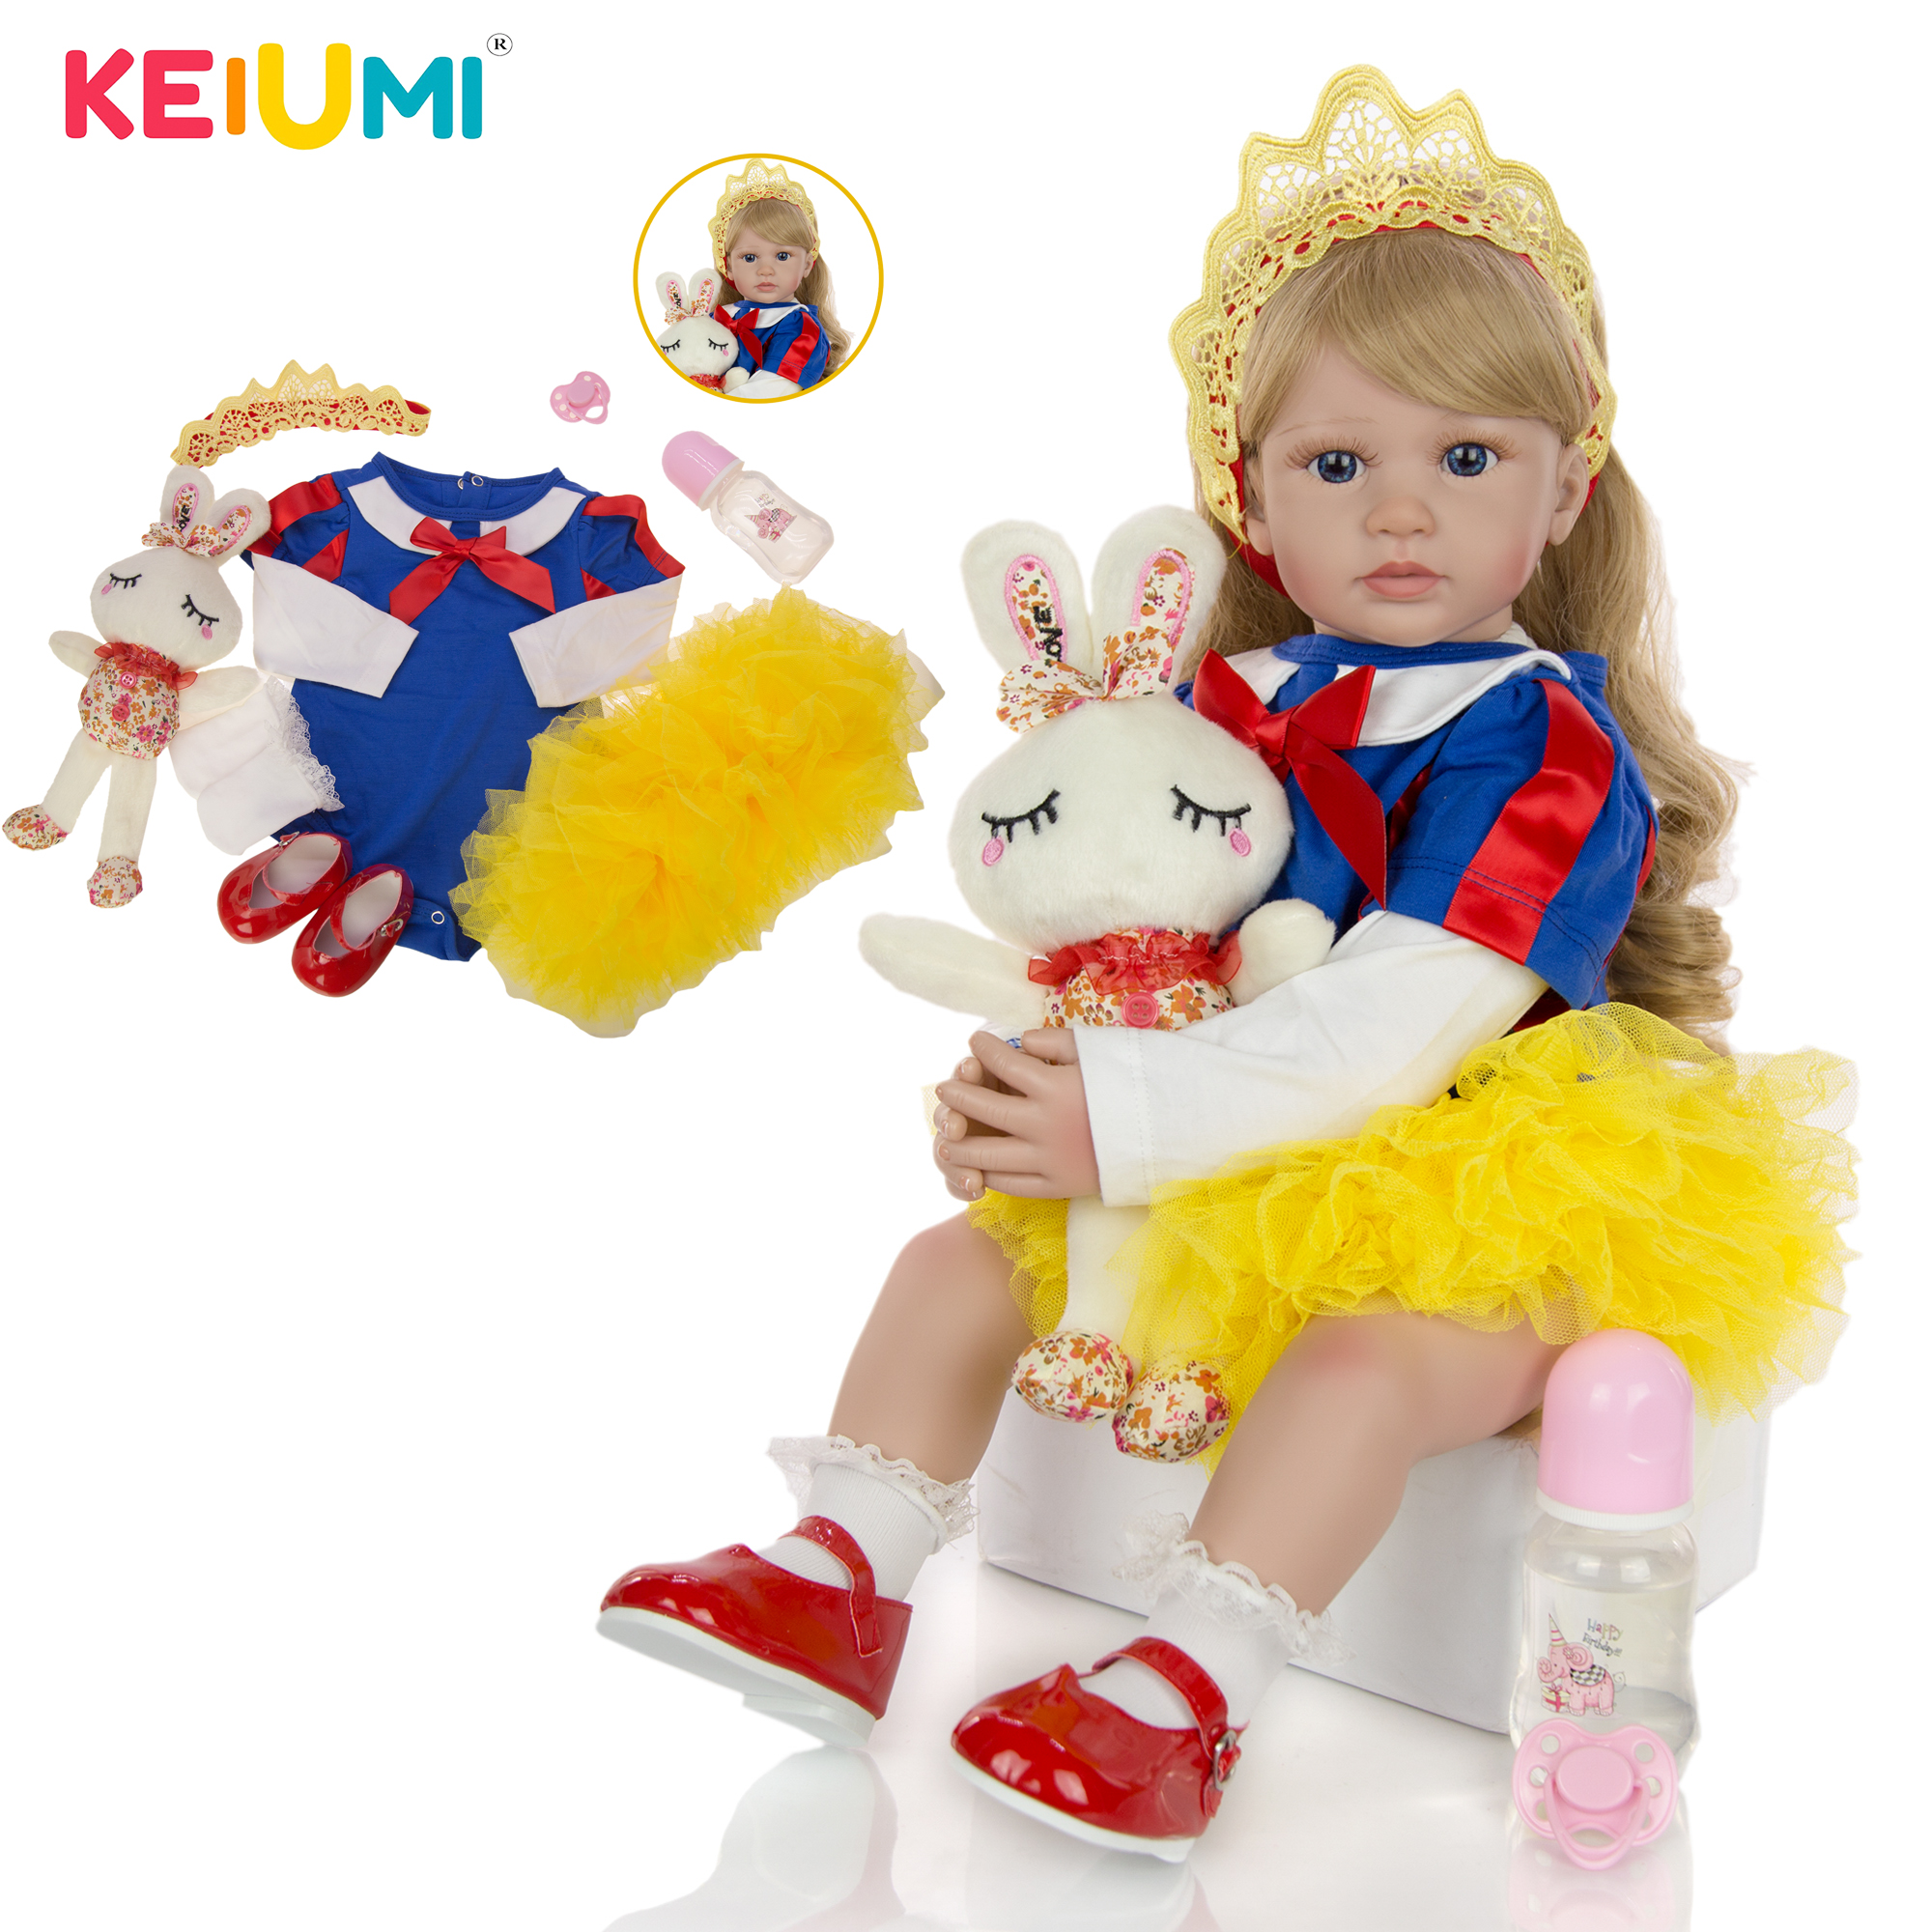 KEIUMI Reborn fille poupée 60 cm Silicone doux coton corps belle Reborn princesse bébé poupées longues boucles dor pour enfants cadeaux